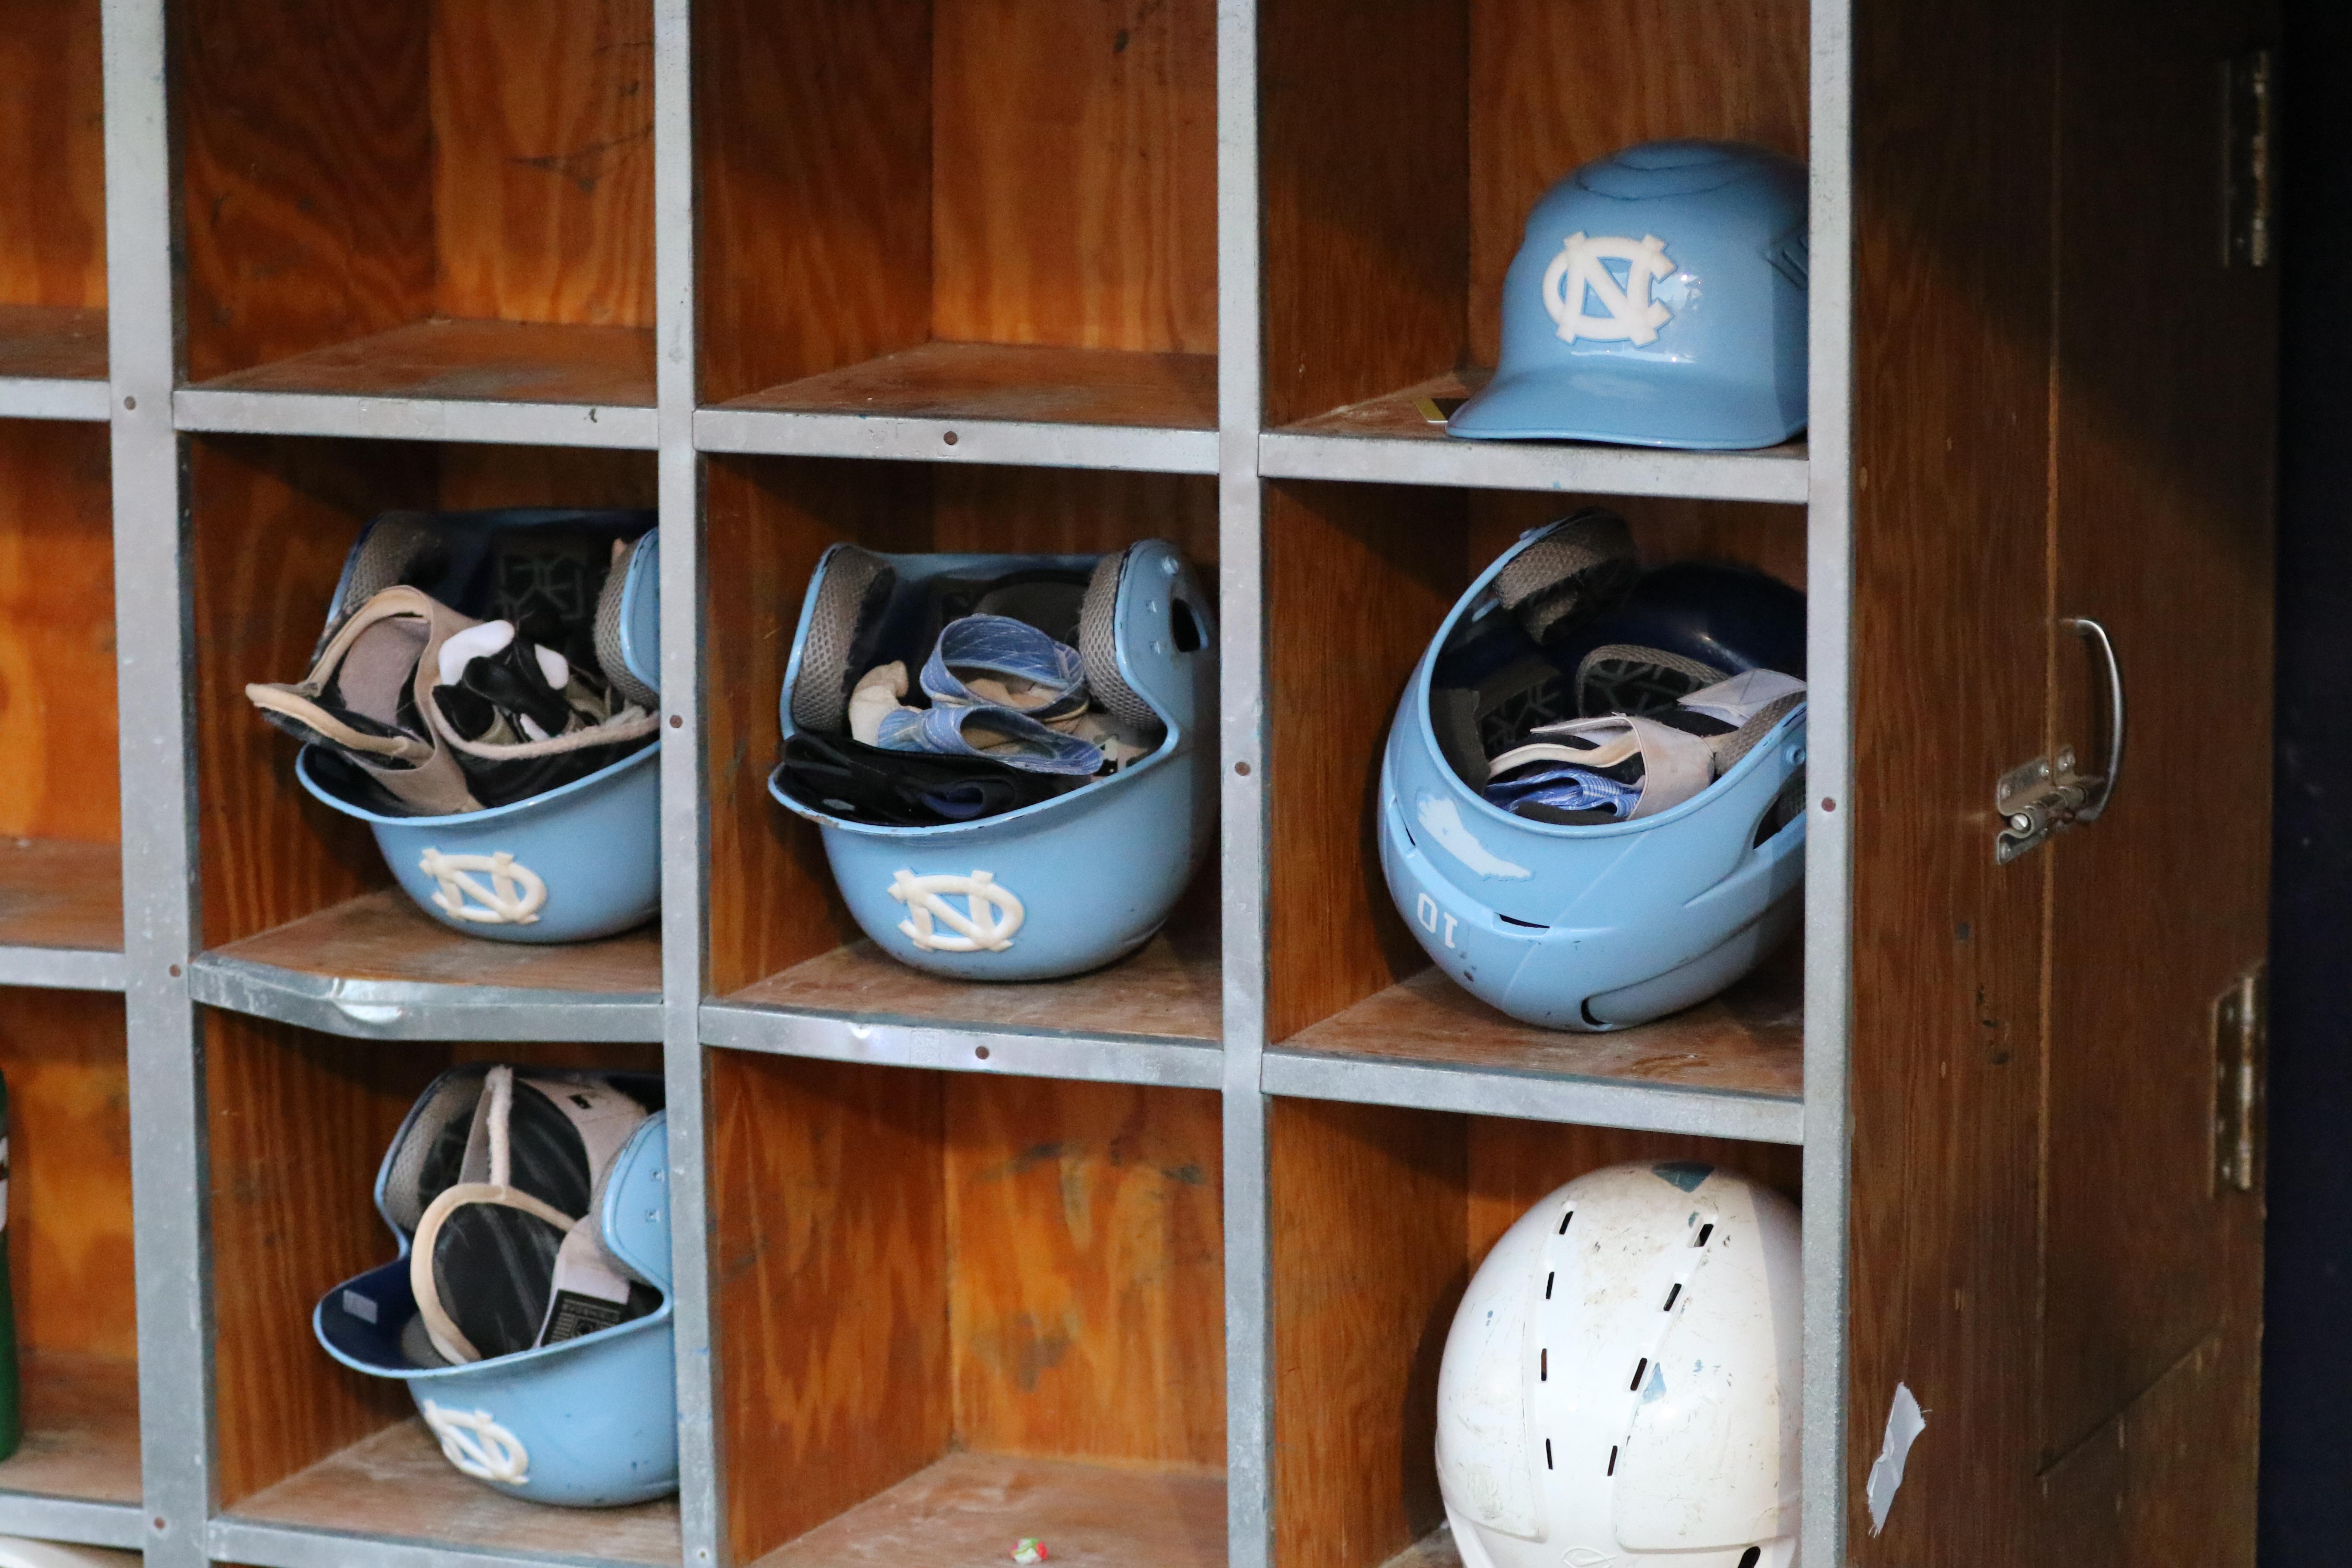 COLLEGE BASEBALL: MAY 23 ACC Baseball Championship - North Carolina v Pittsburgh